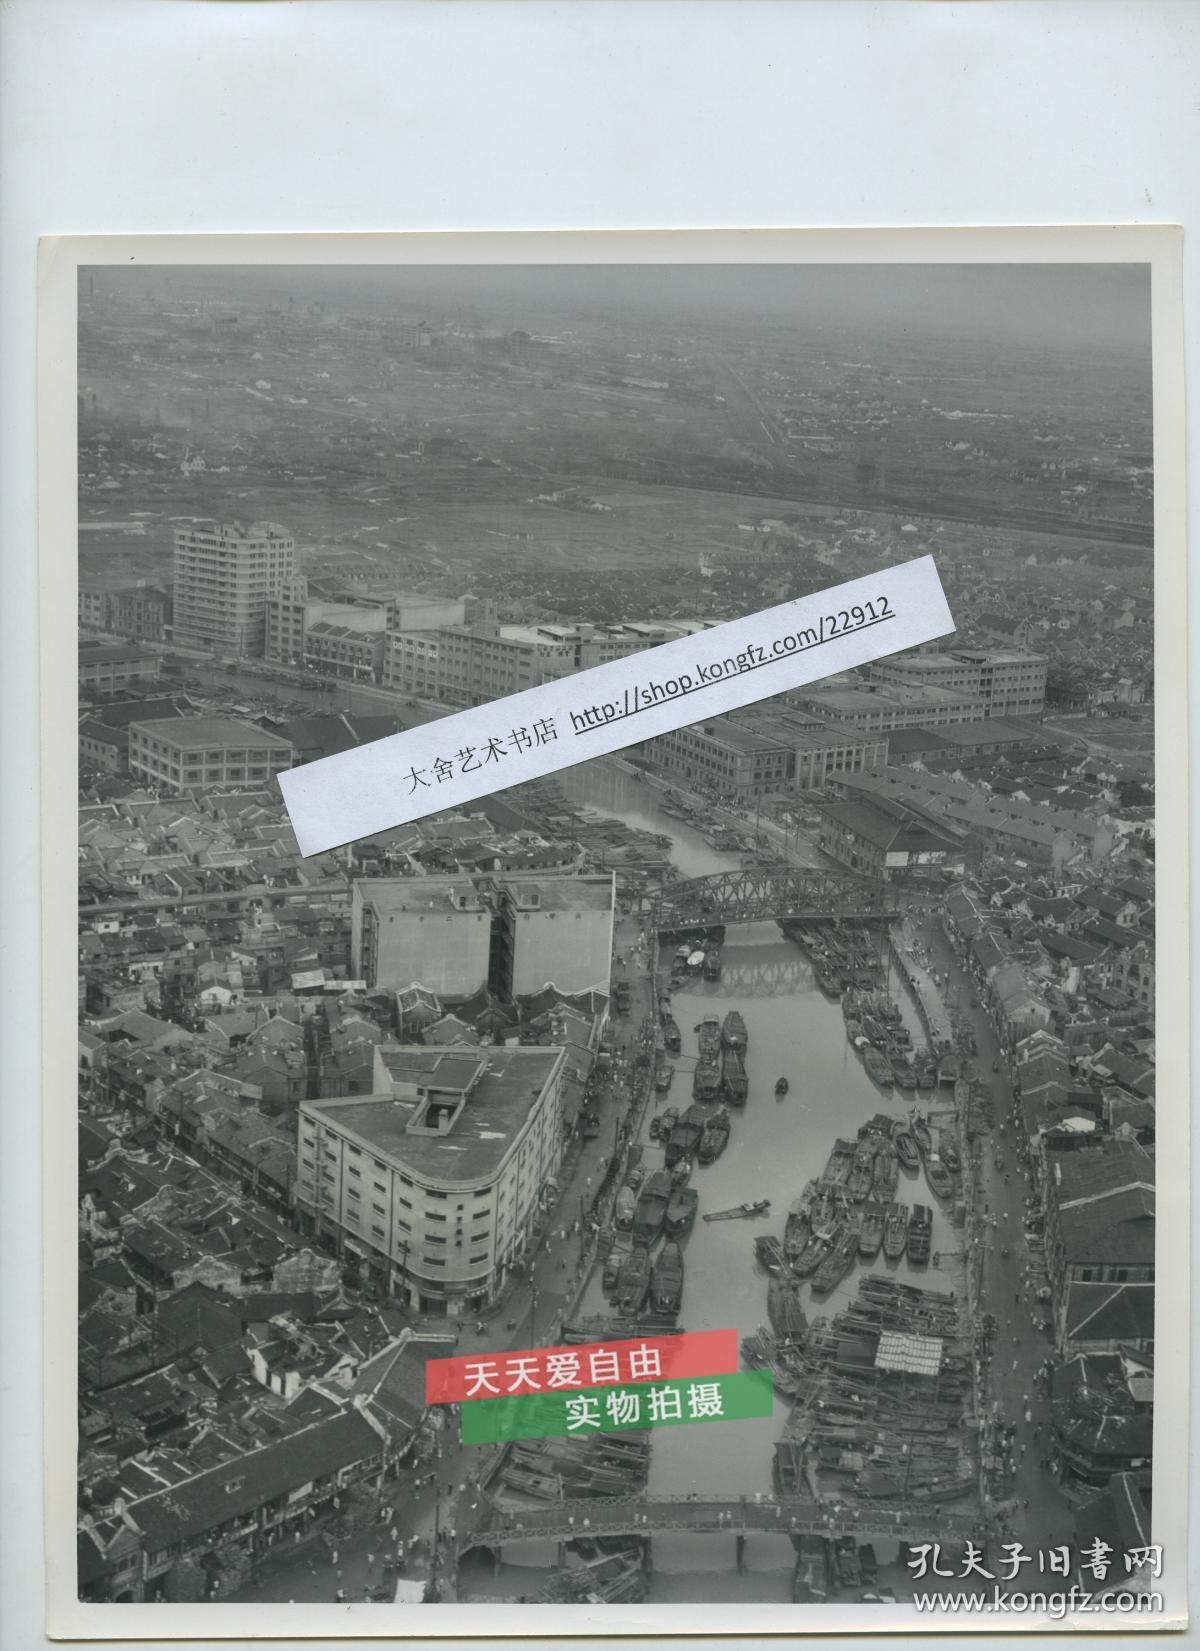 """民国1945年9月2日,上海北苏州河路北光复路一带高清航拍全景,苏河湾,大约位于现在称为""""四行天地""""的创意园区一带。可见1945年金城银行仓库,上海银行第二仓库,浙江兴业银行货栈等,著名的四行仓库就在附近。25.3X20.6厘米。高清老照片,地图级别展现。"""